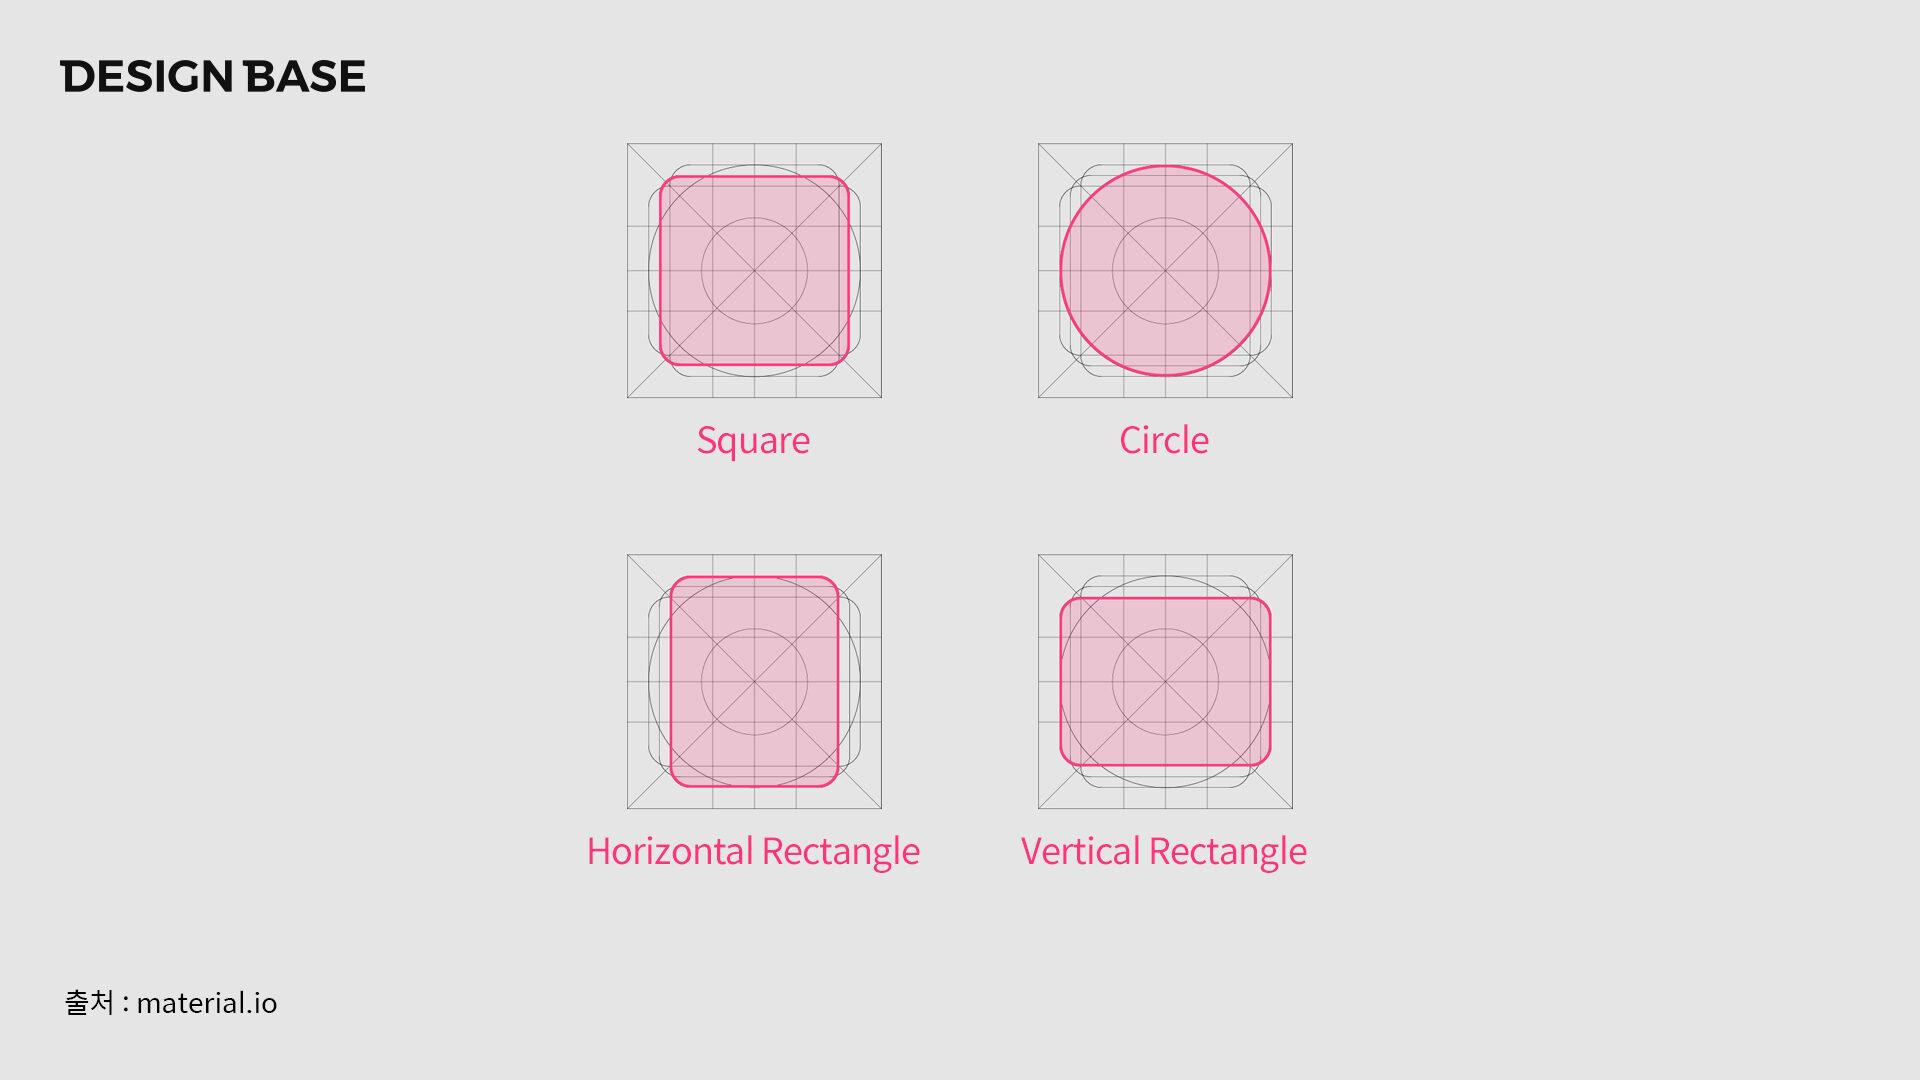 머티리얼 디자인 가이드라인에서 아이콘을 제작할때 시각보정으로 인한 키라인 제공